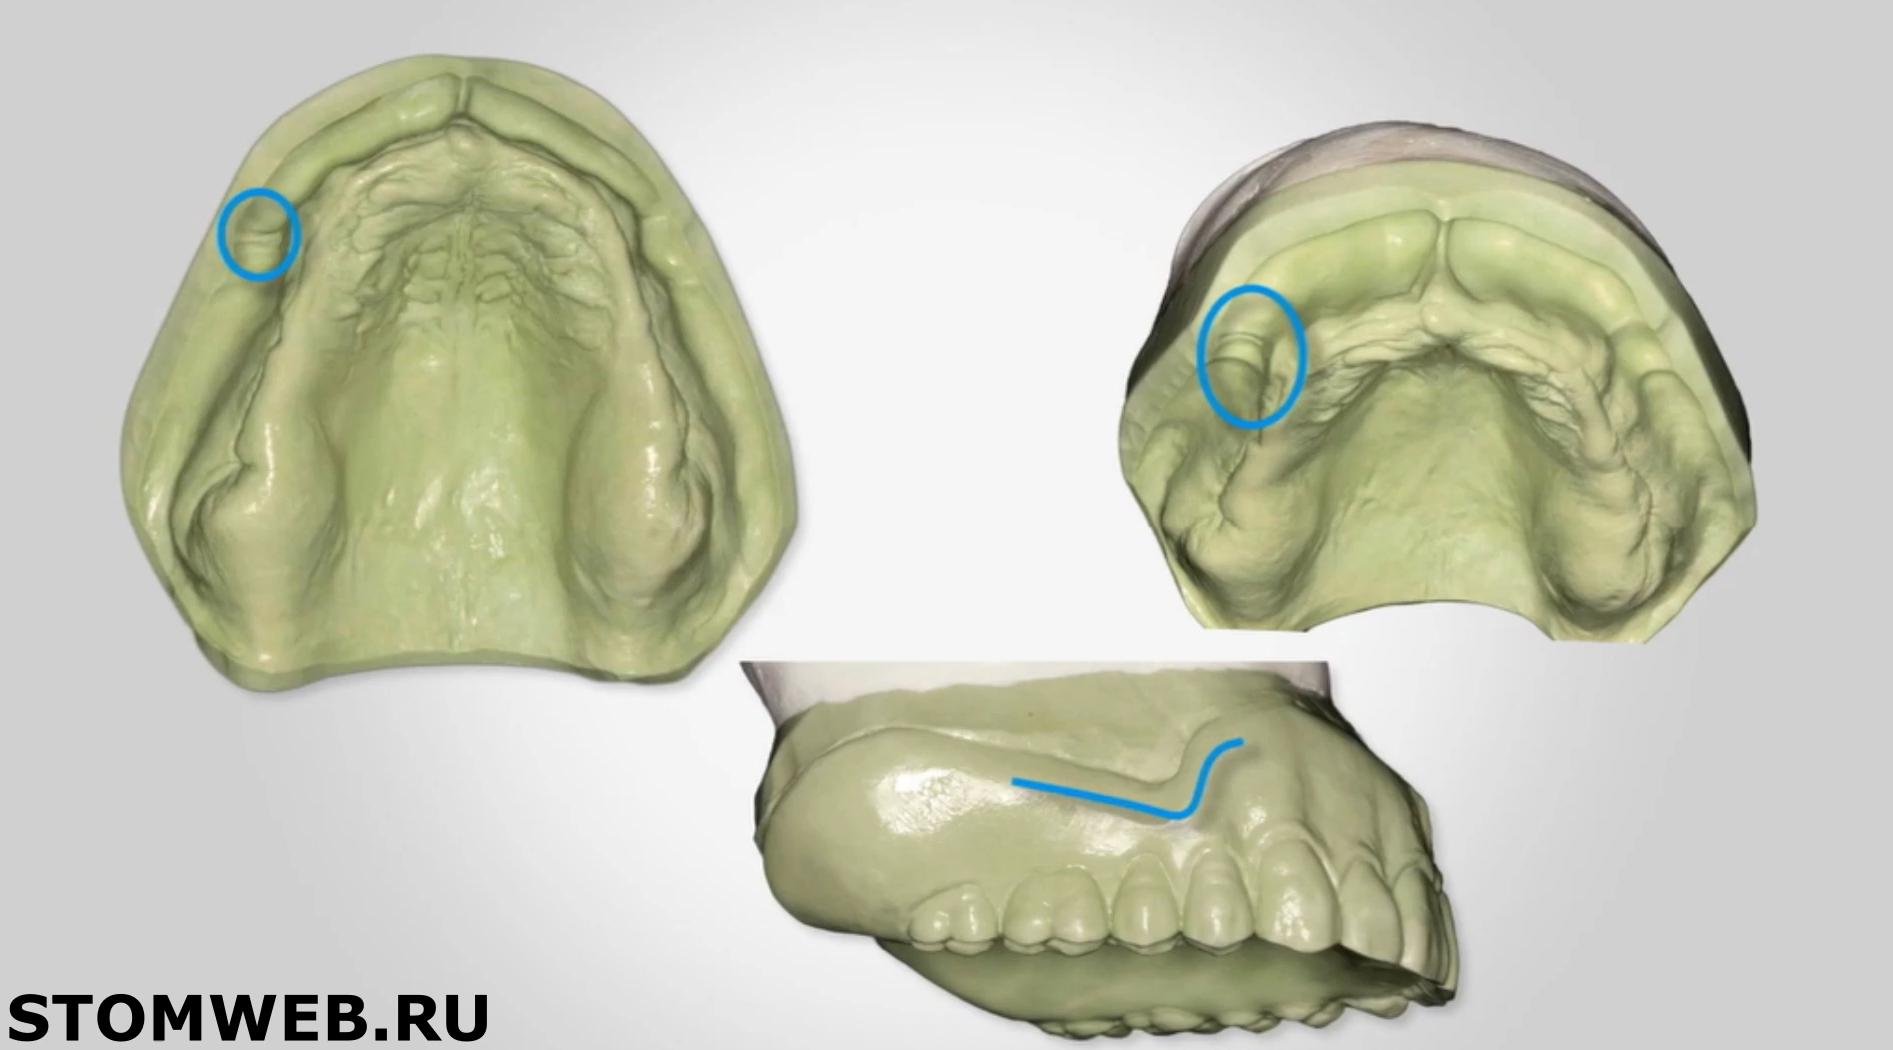 Анатомические особенности верхней челюсти